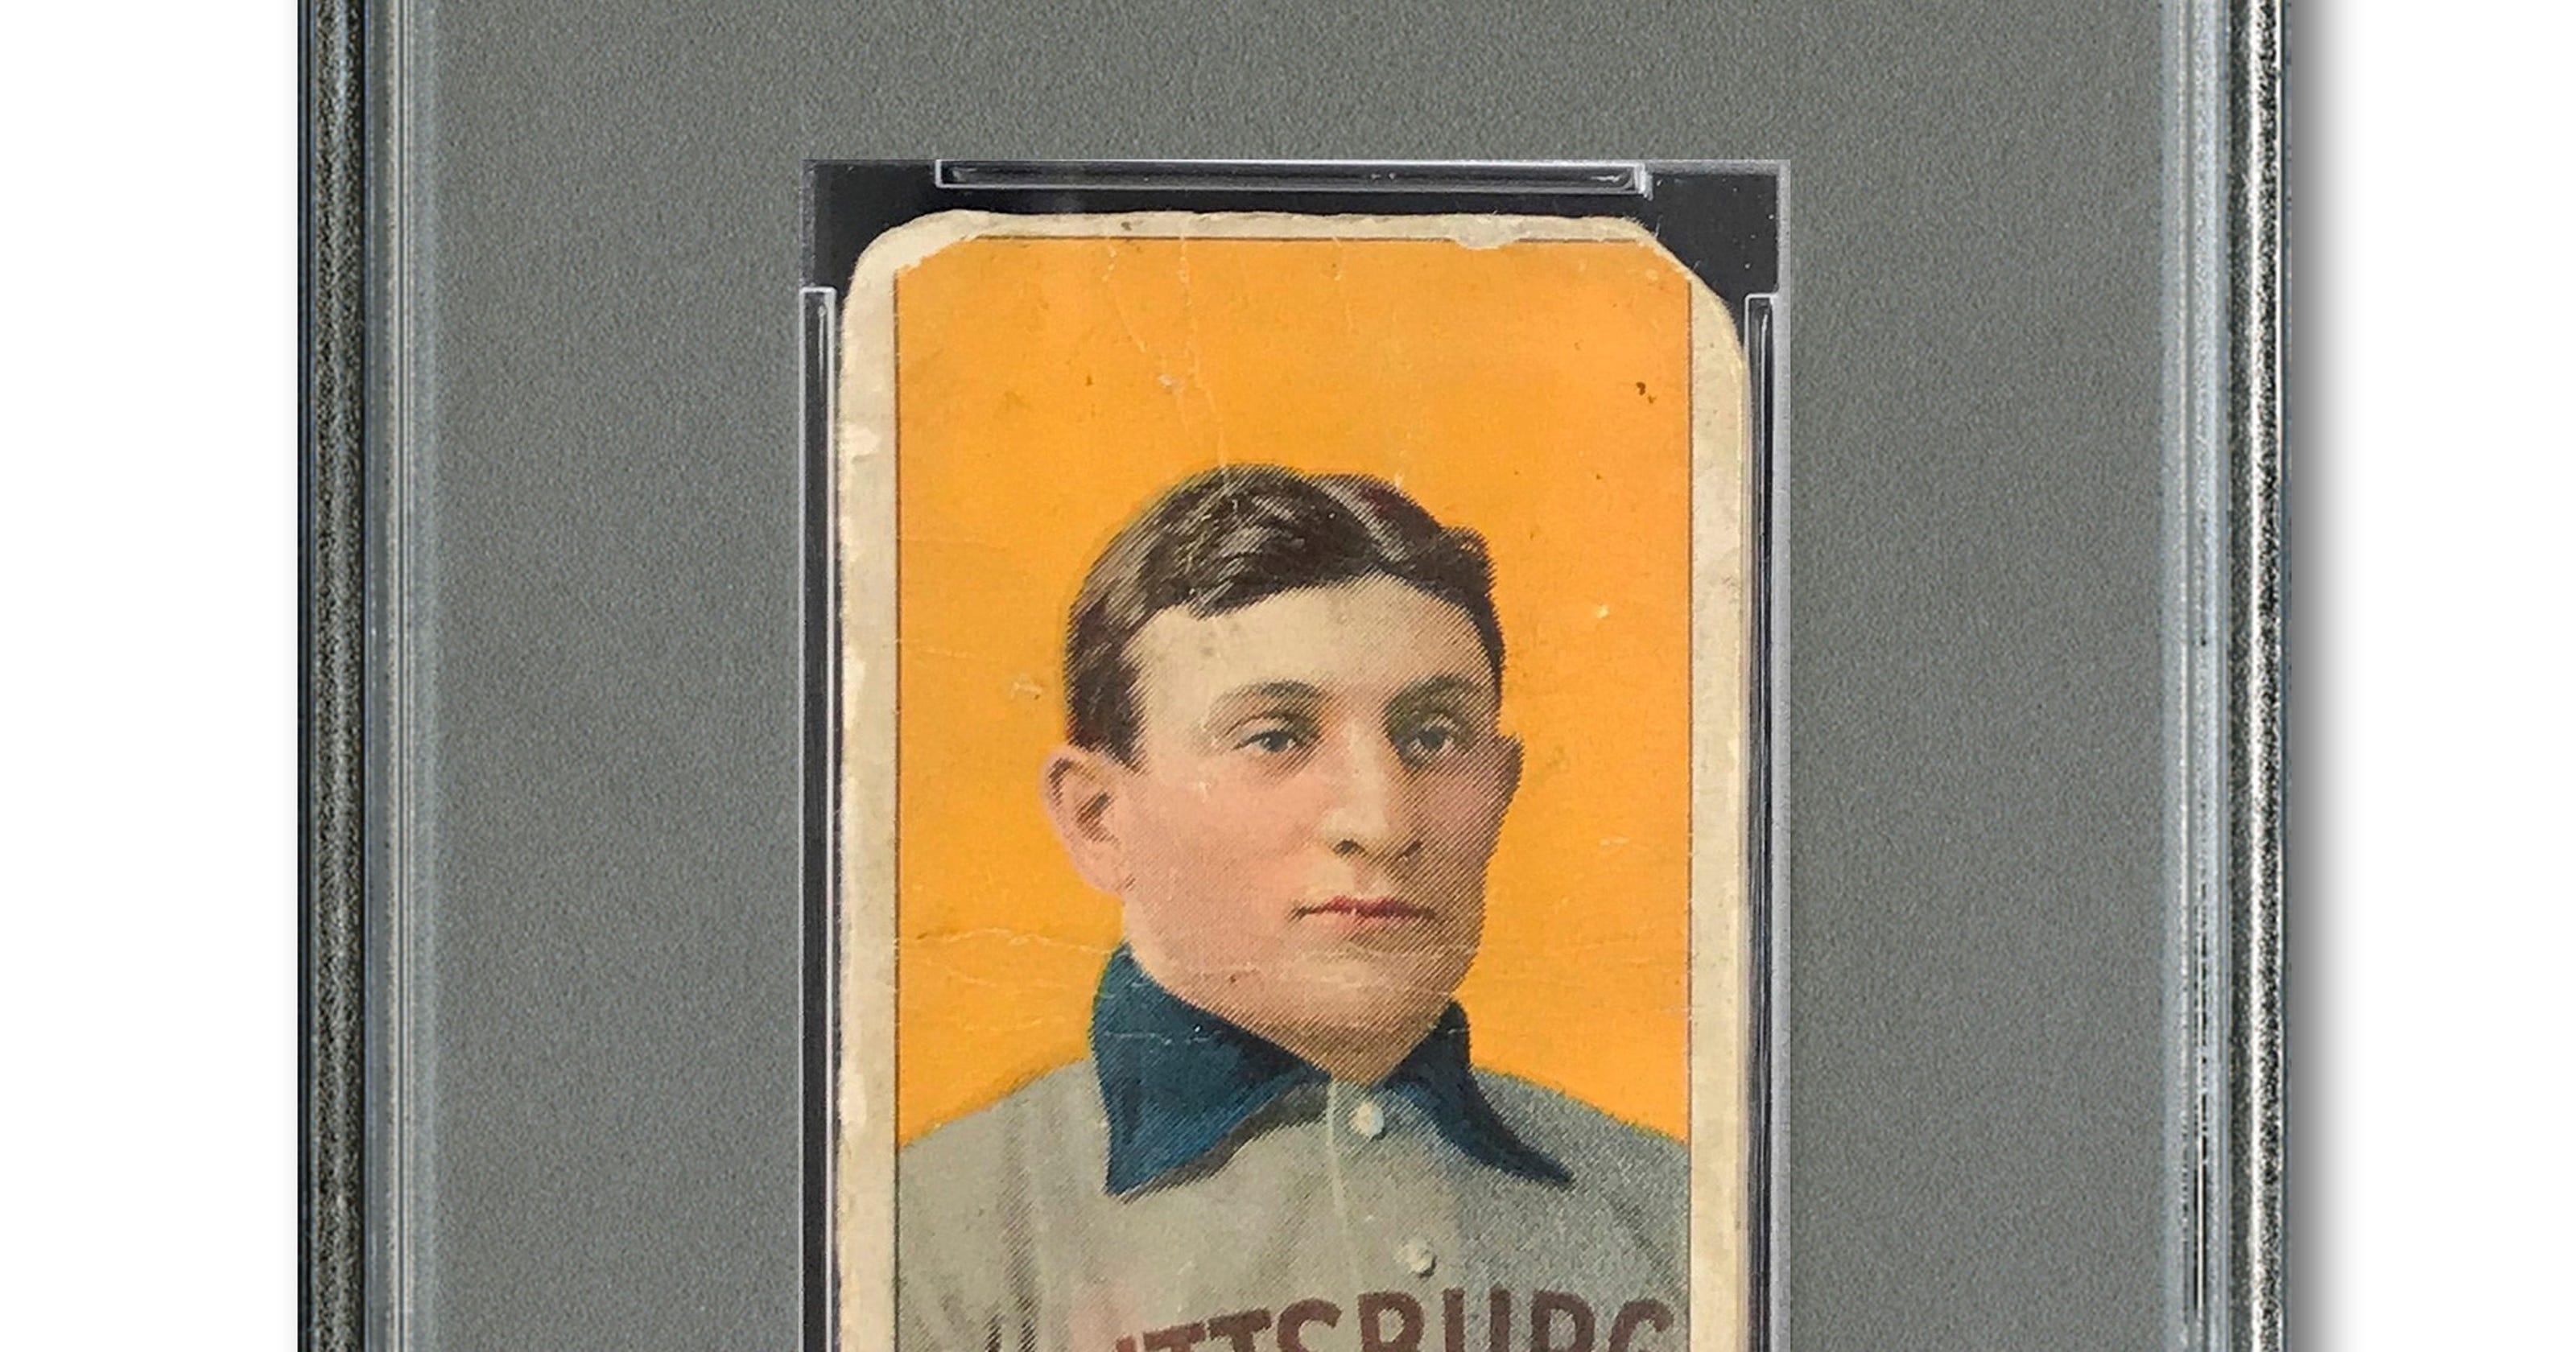 Honus Wagner Baseball Card Sells Privately For 12 Million